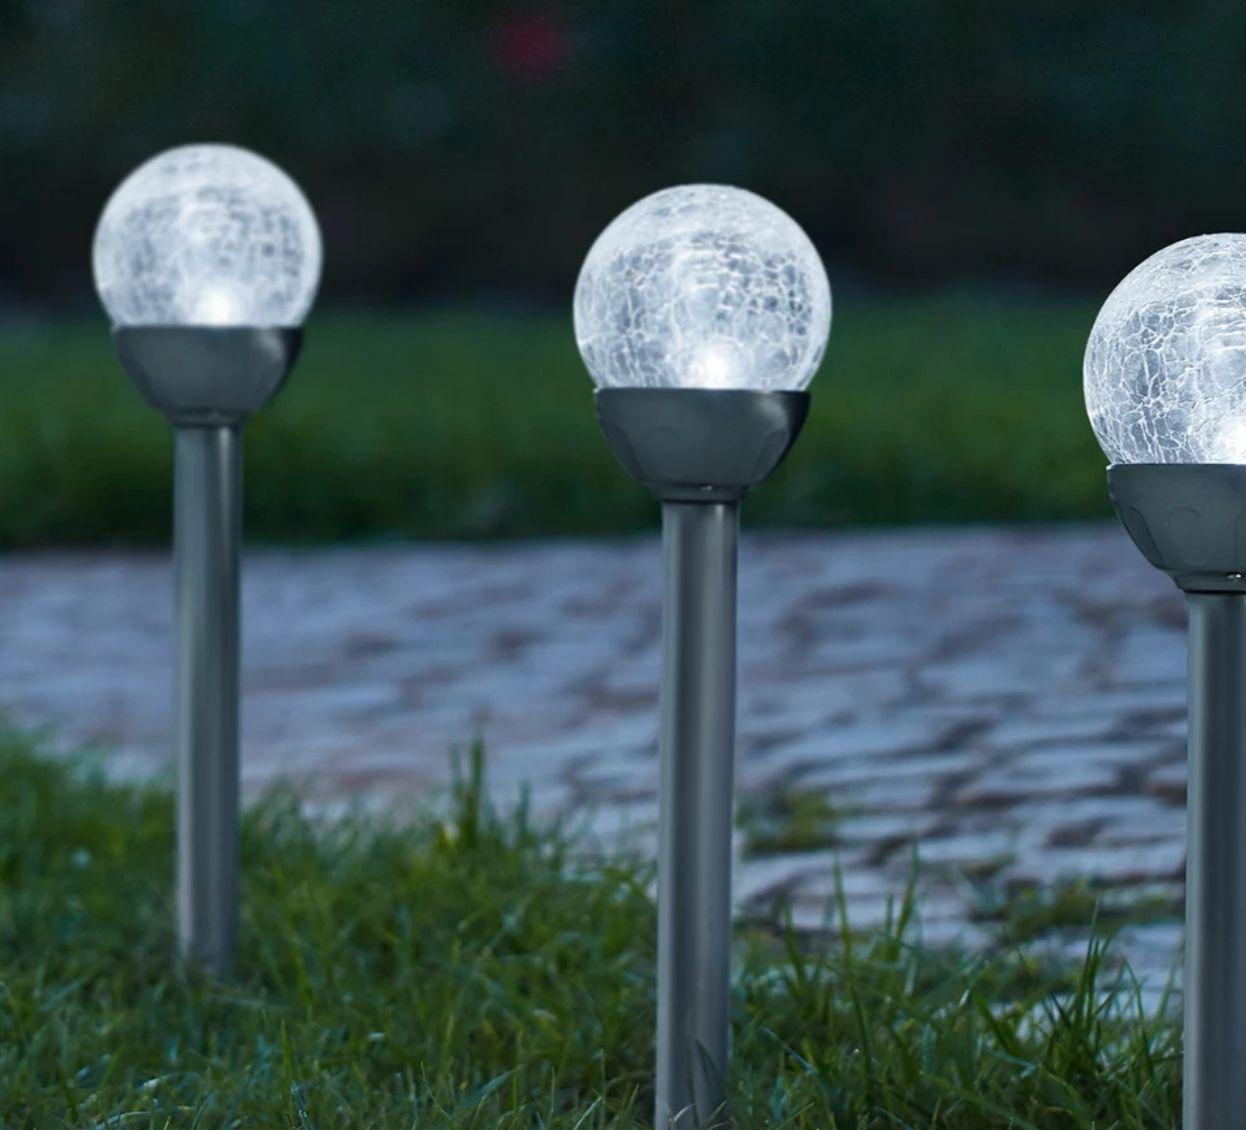 Mömax Rabatt von 25€ ab 100€ Warenwert für viele Leuchten und Lampen